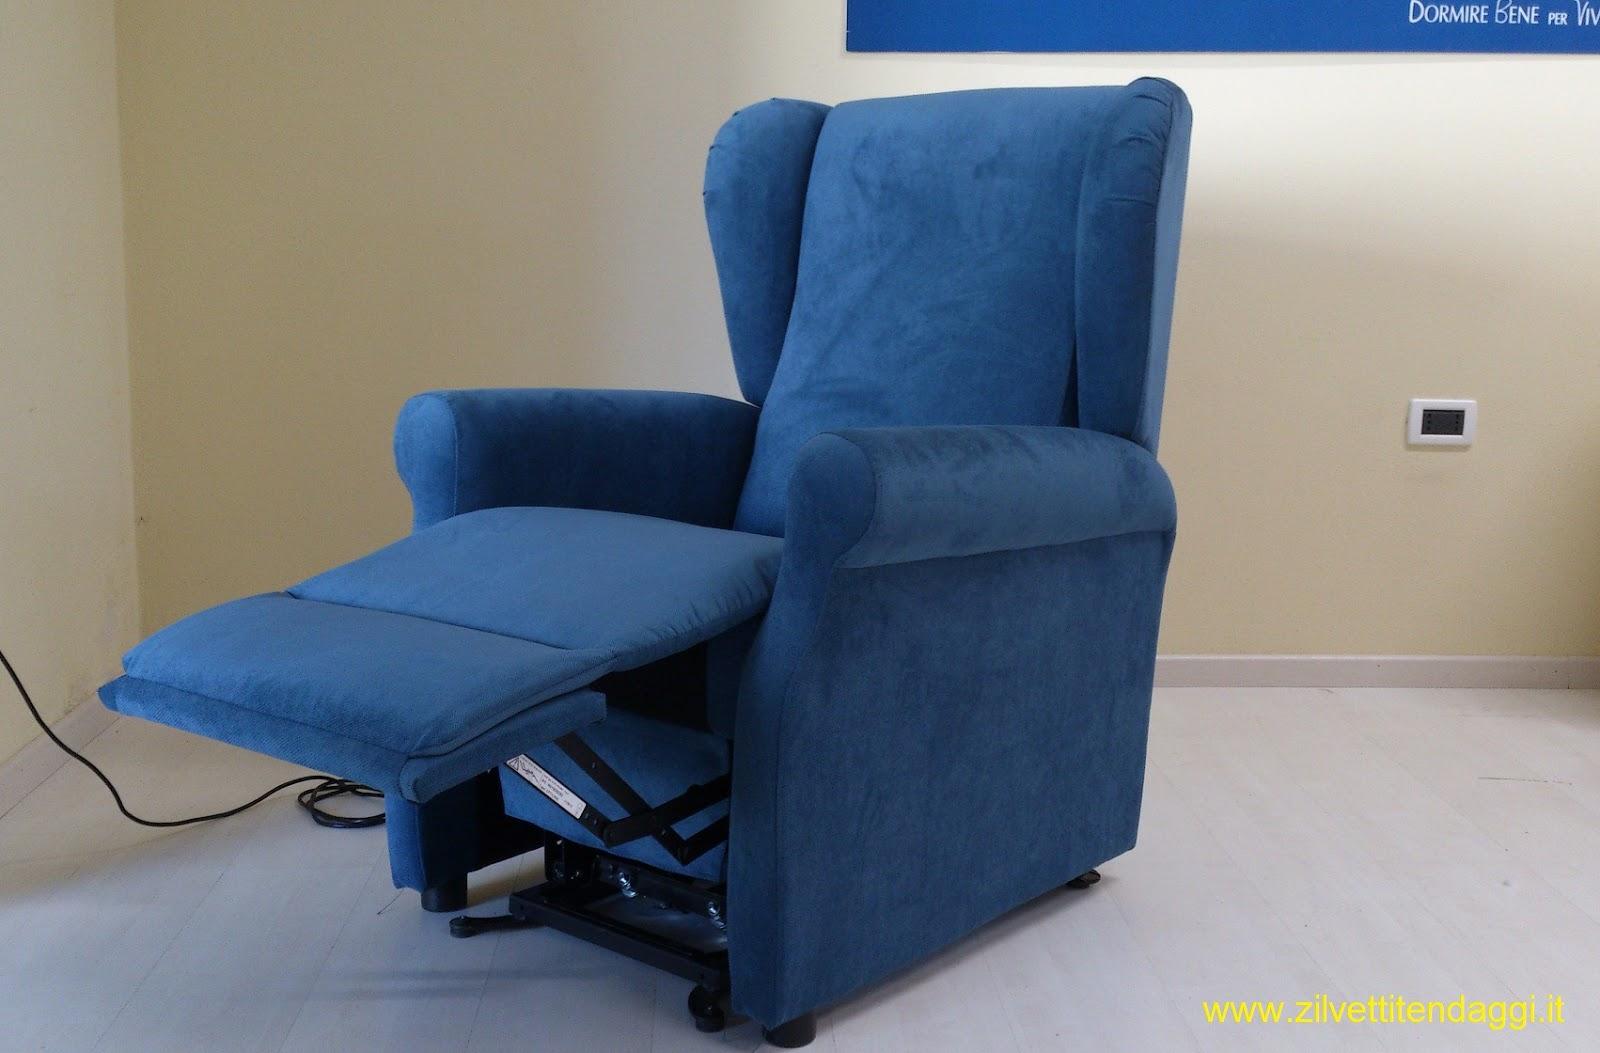 Tende materassi letti poltrone divani zilvetti tendaggi - Poltrona reclinabile ikea ...